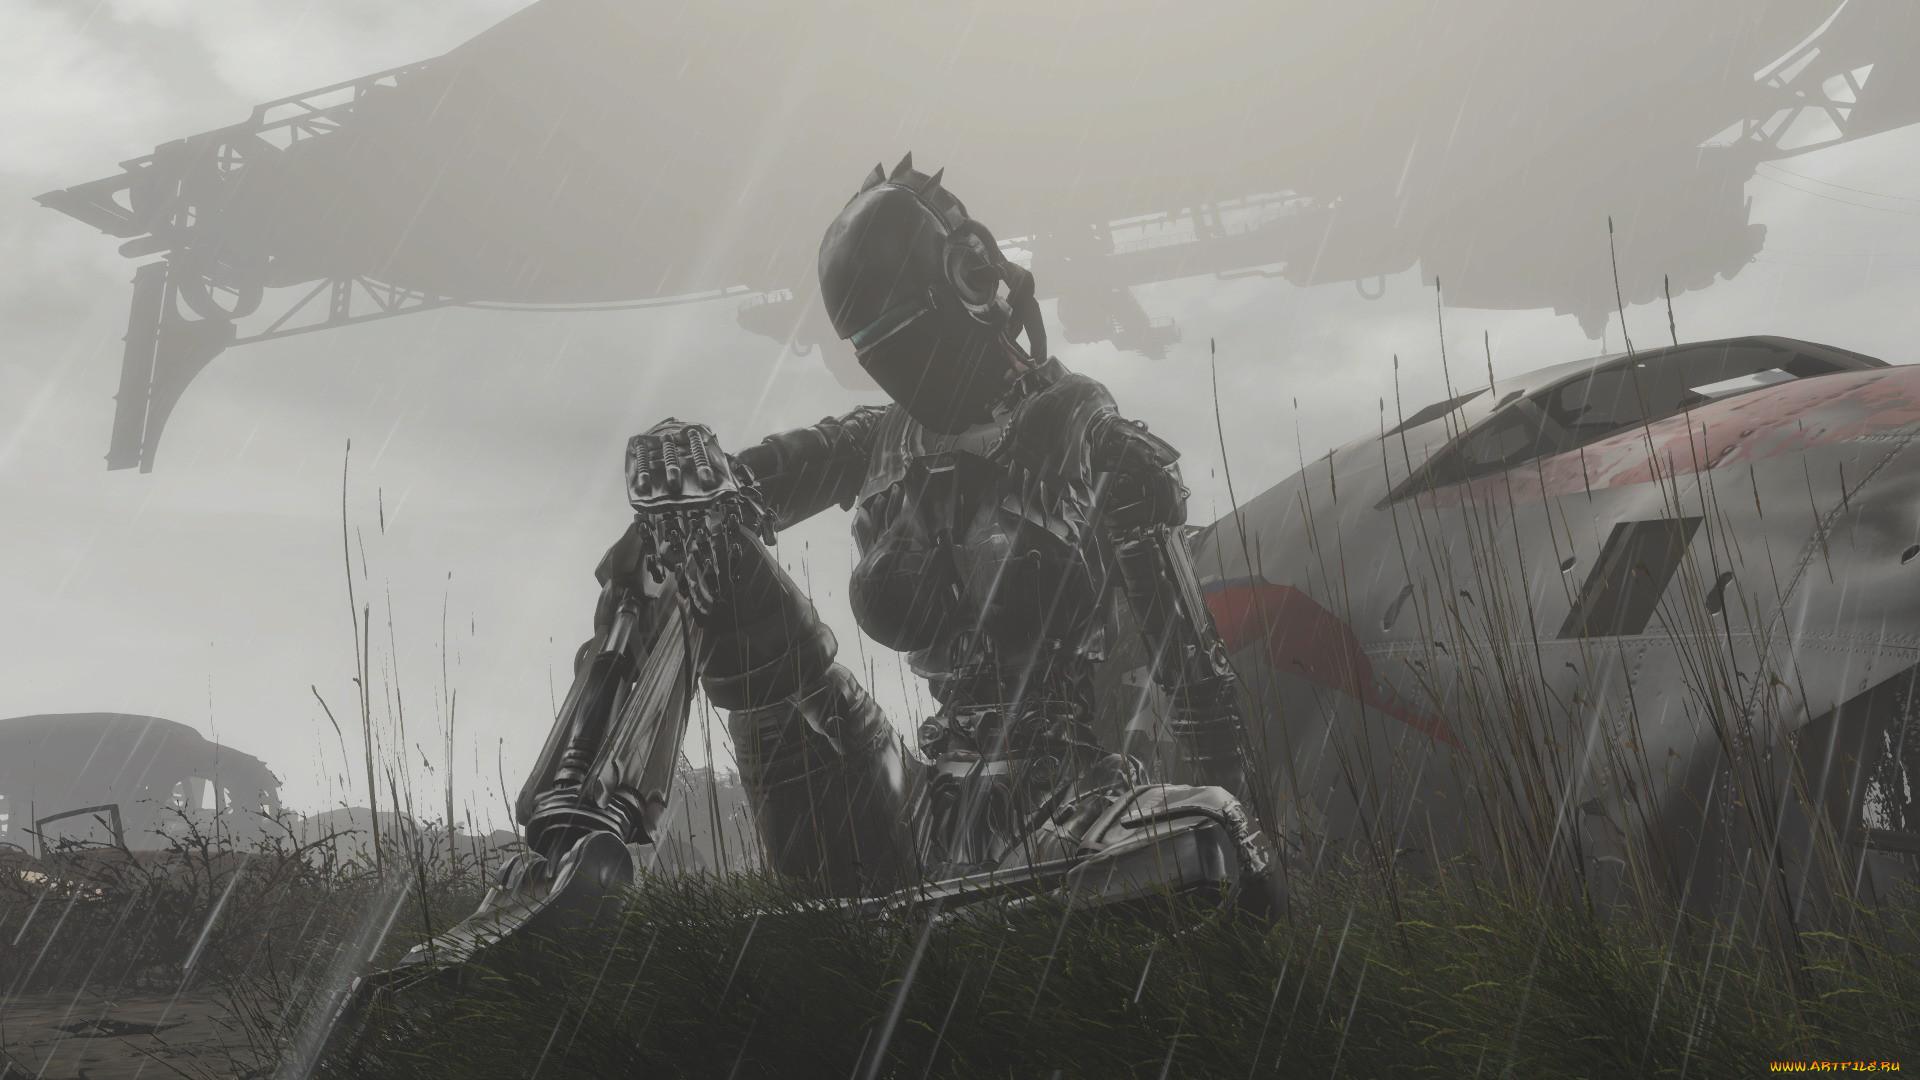 фэнтези, роботы,  киборги,  механизмы, девушка, киборг, дождь, фюзеляж